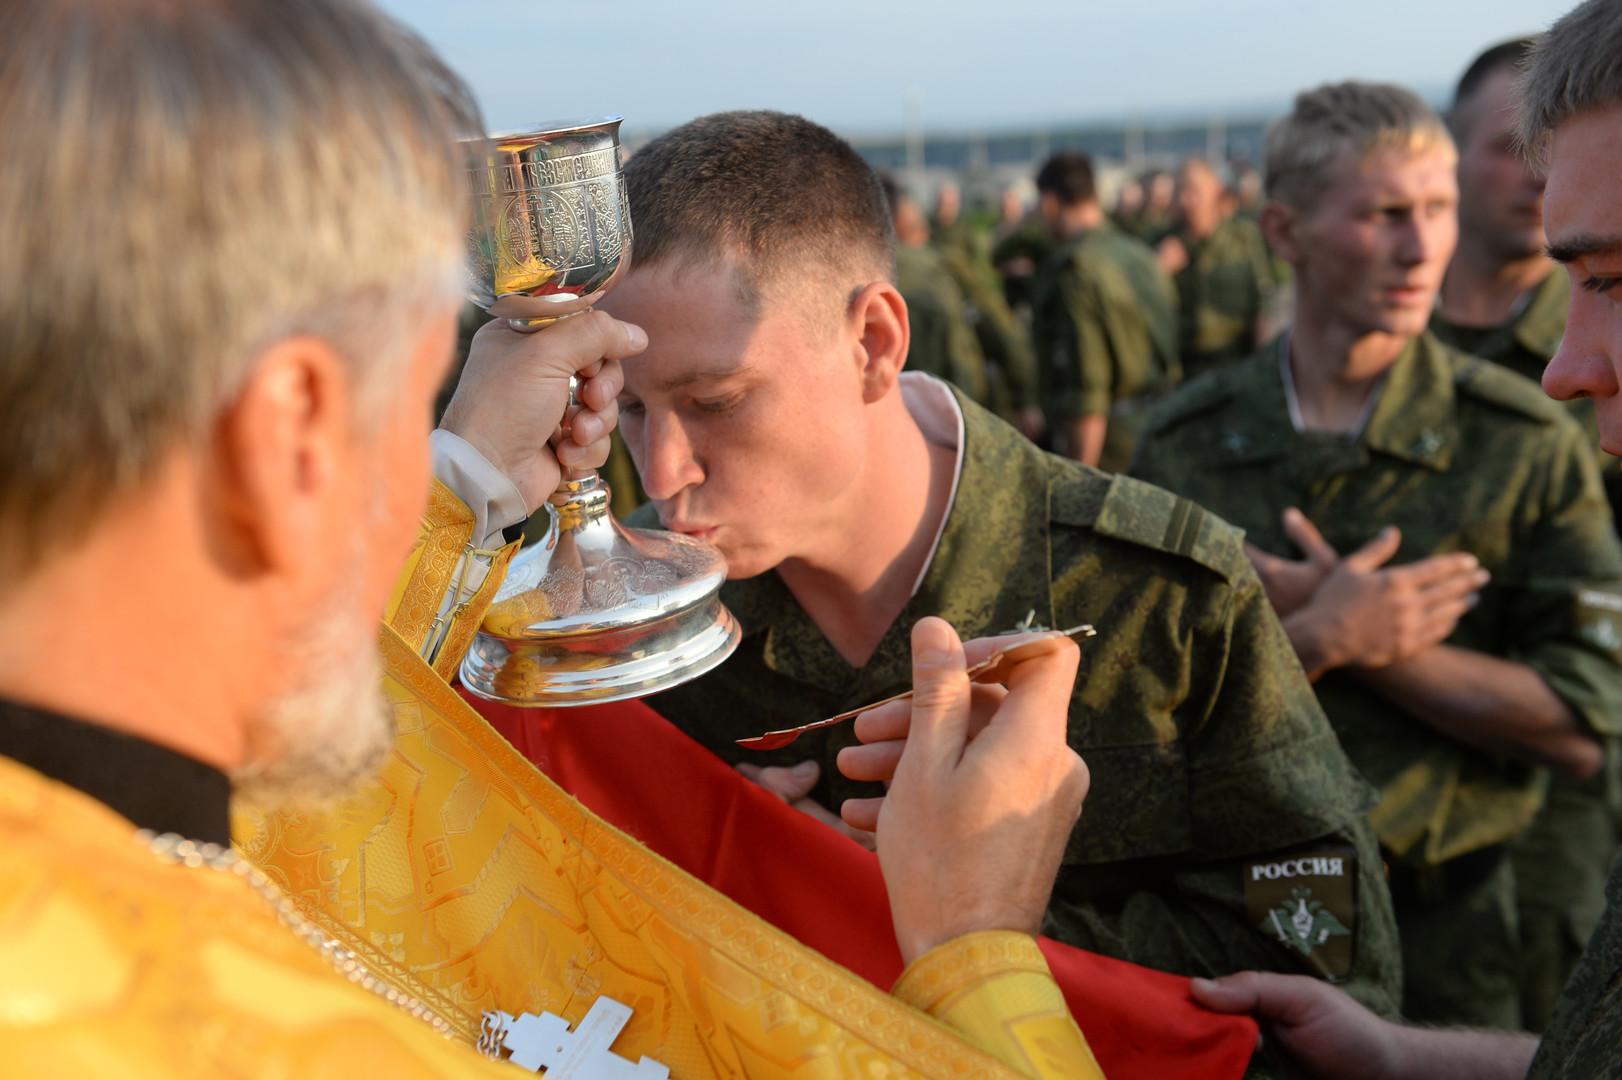 """Russische Armeeangehörige empfangen das Heilige Abendmahl  bei einer Messe während der russisch-chinesischen Anti-Terror-Übungen """"Friedensmission 2013"""" im Gebiet Tscheljabinsk."""